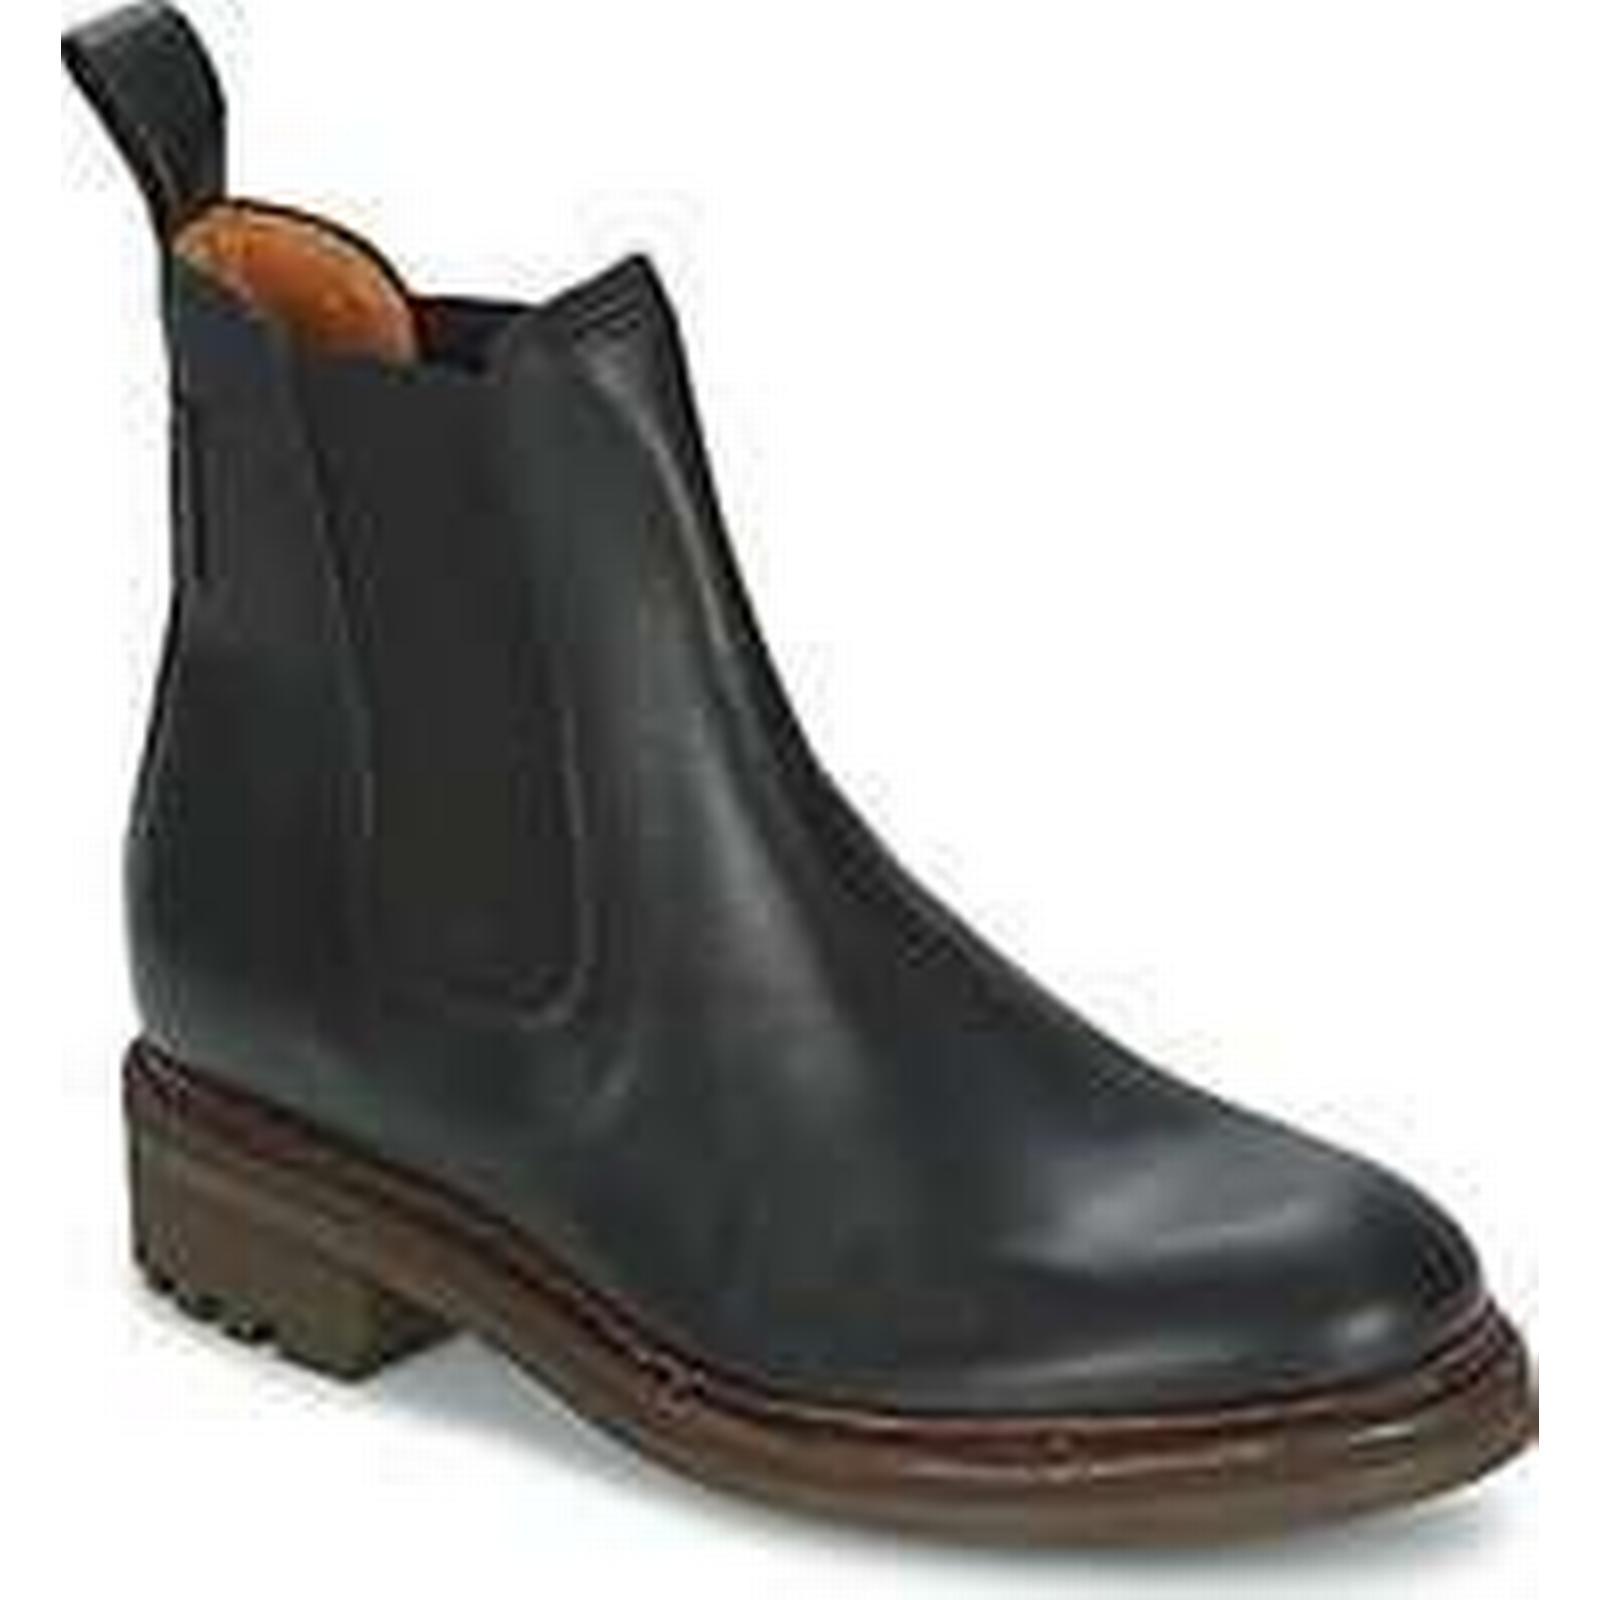 Spartoo.co.uk Aigle MONBRISON Boots 2 women's Mid Boots MONBRISON in Black bef9e7